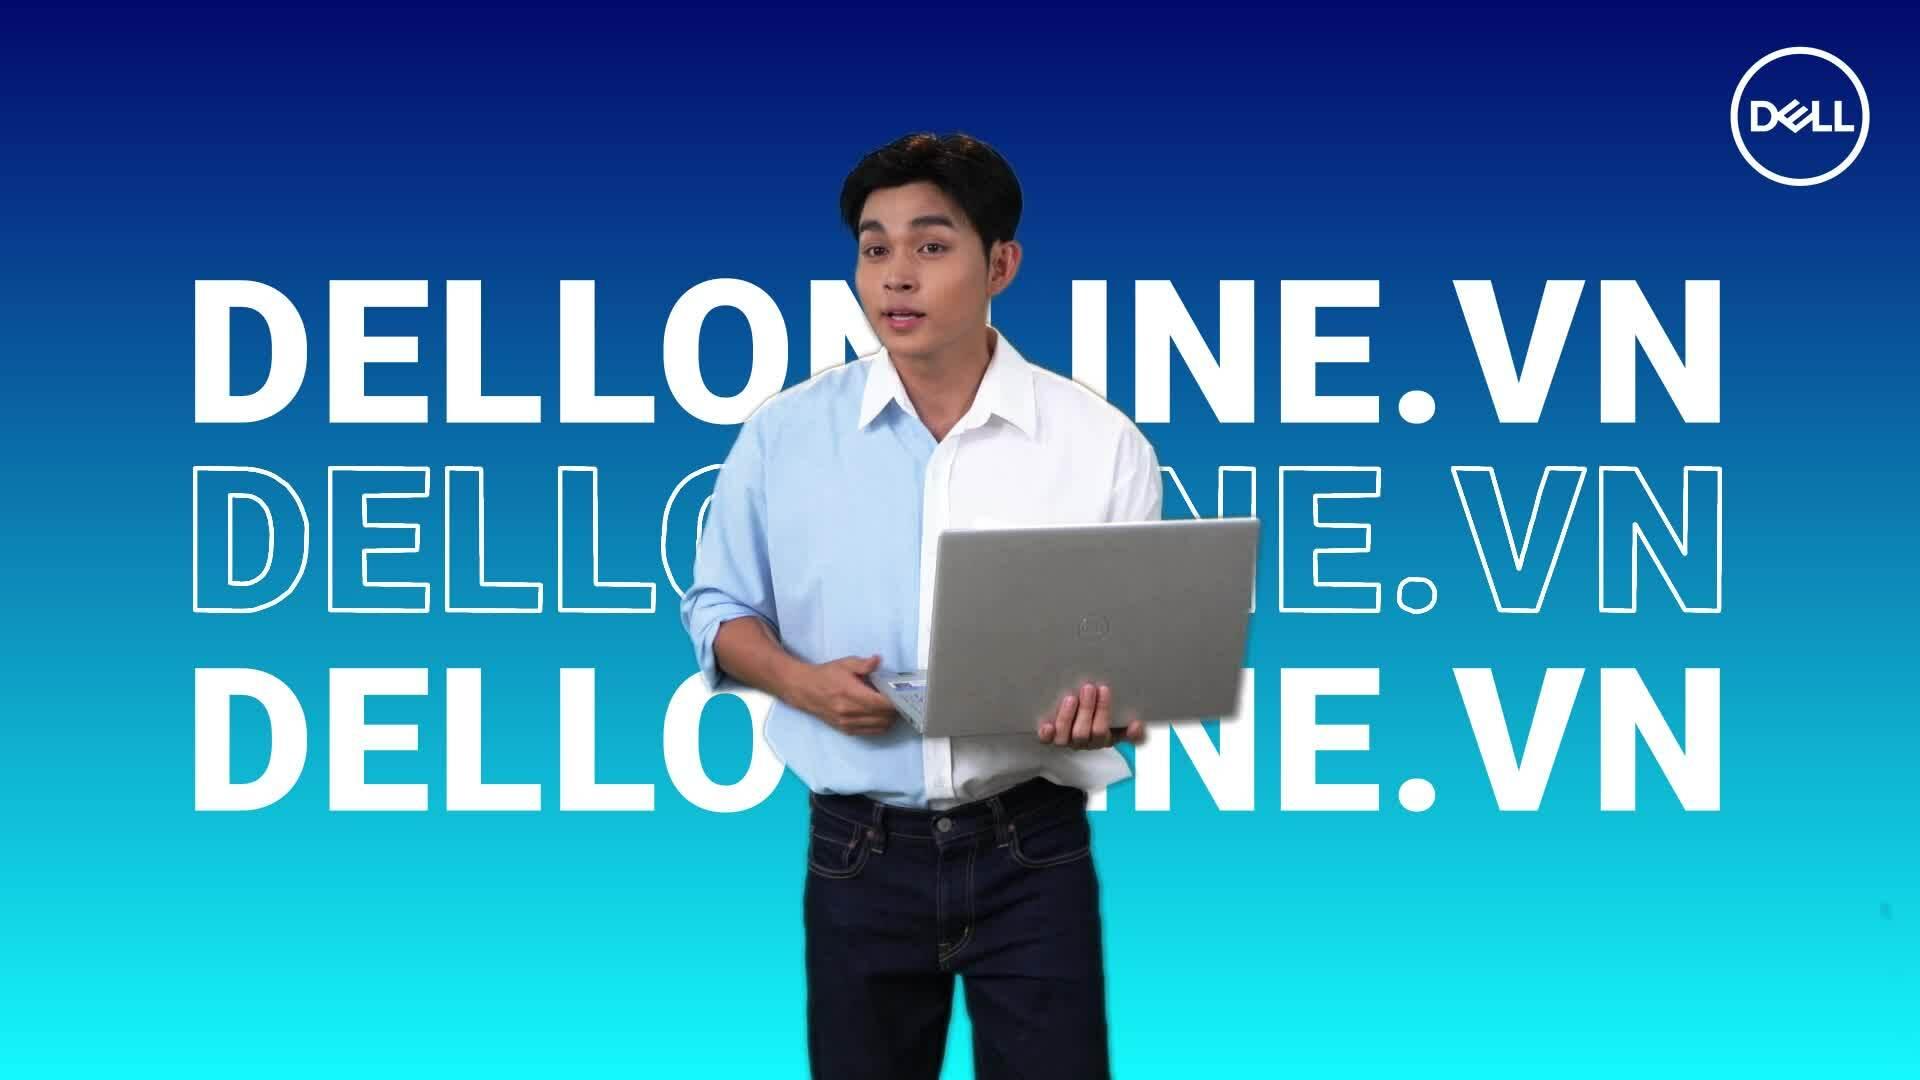 Dell tung ưu đãi dịp năm mới